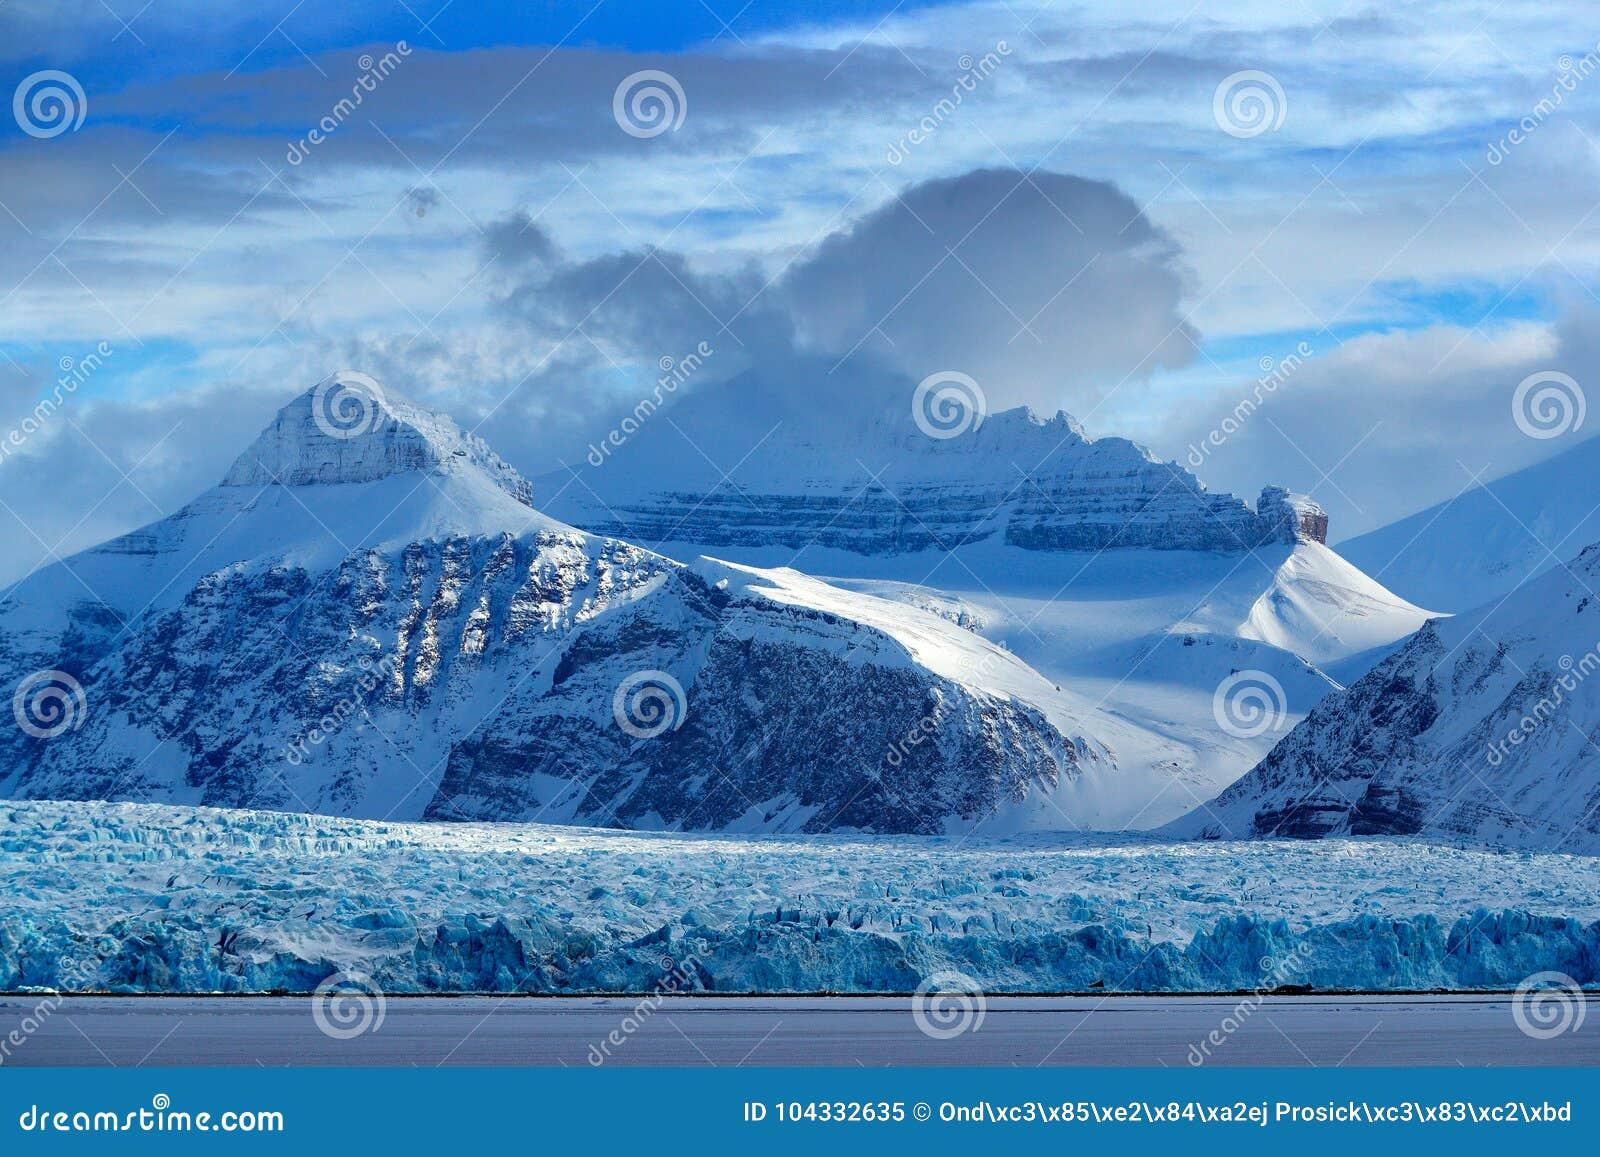 Mooi landschap Koud zeewater Land van ijs Het reizen in Noordpoolnoorwegen Witte sneeuwberg, blauwe gletsjer Svalbard, Noorwegen